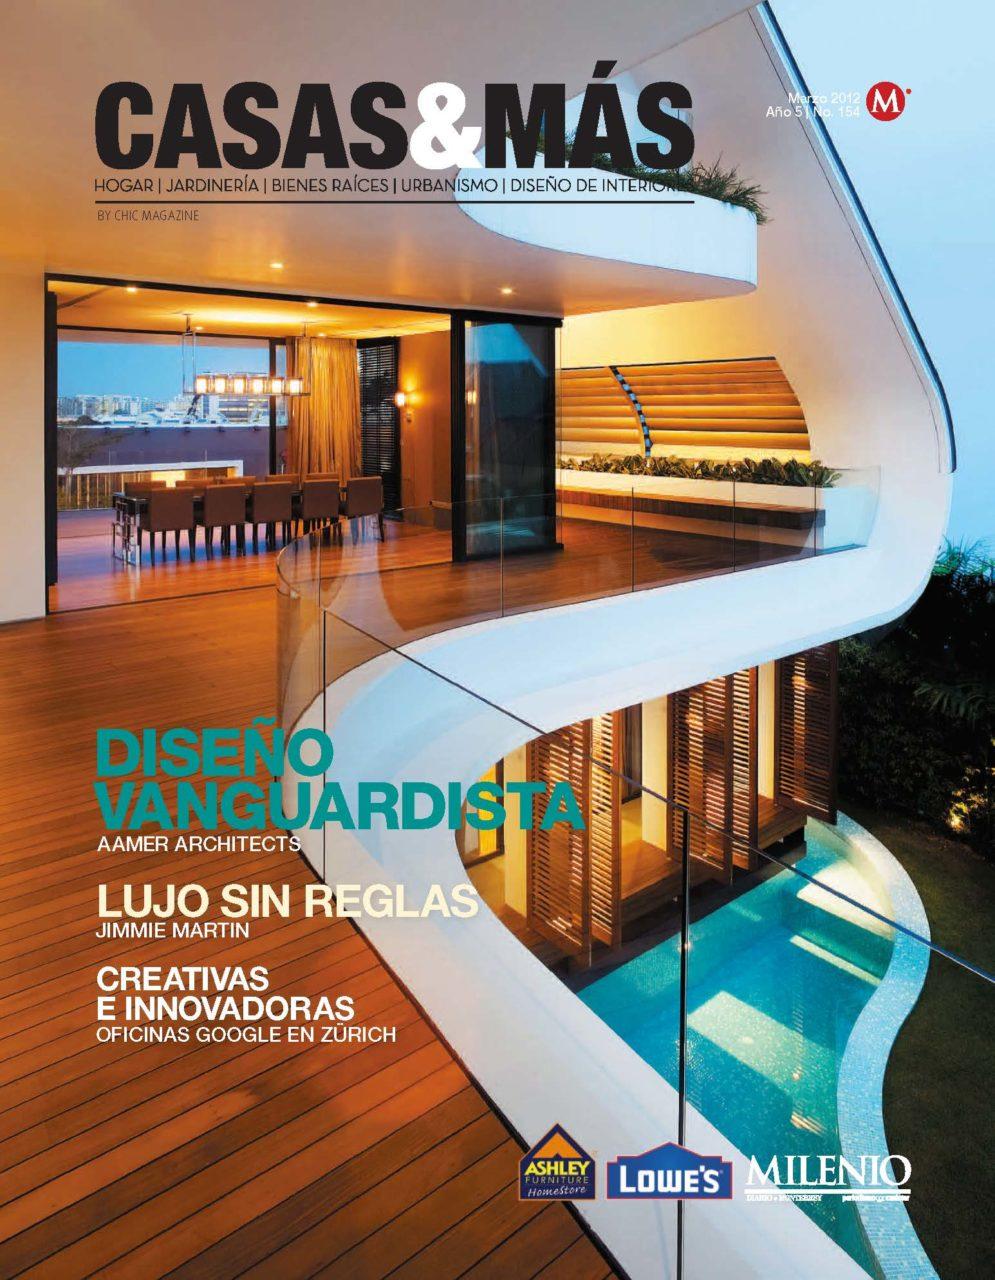 http://www.saota.com/wp-content/uploads/2018/01/2012_March_CasasMas_SAOTA_Page_1.jpg